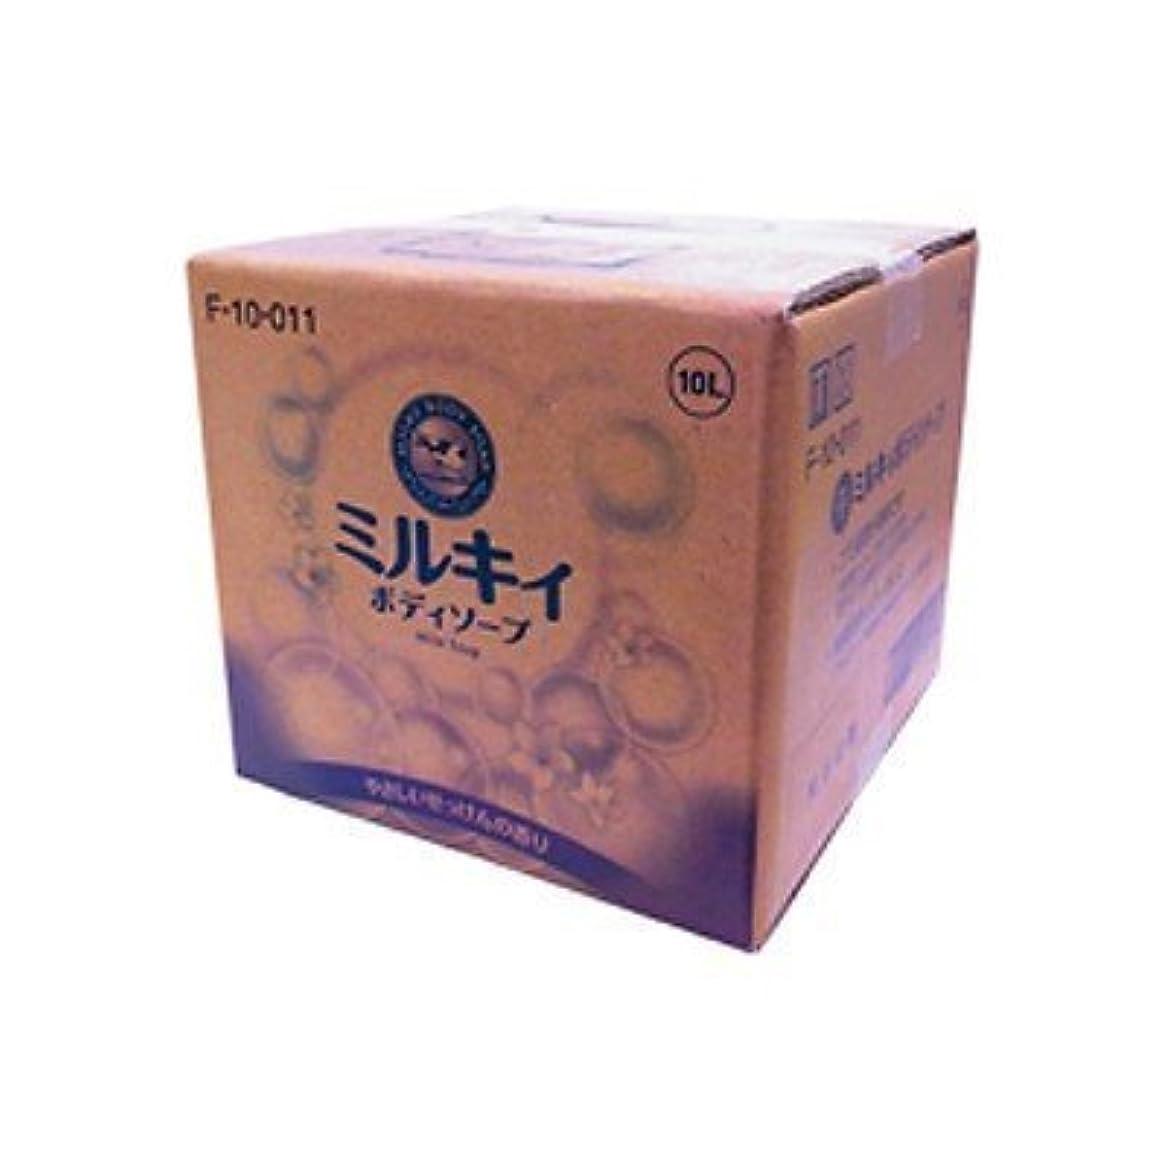 ハーブウィンク極めて重要な牛乳石鹸 ミルキィボディソープ 業務用 279605 00022378 【まとめ買い3個セット】